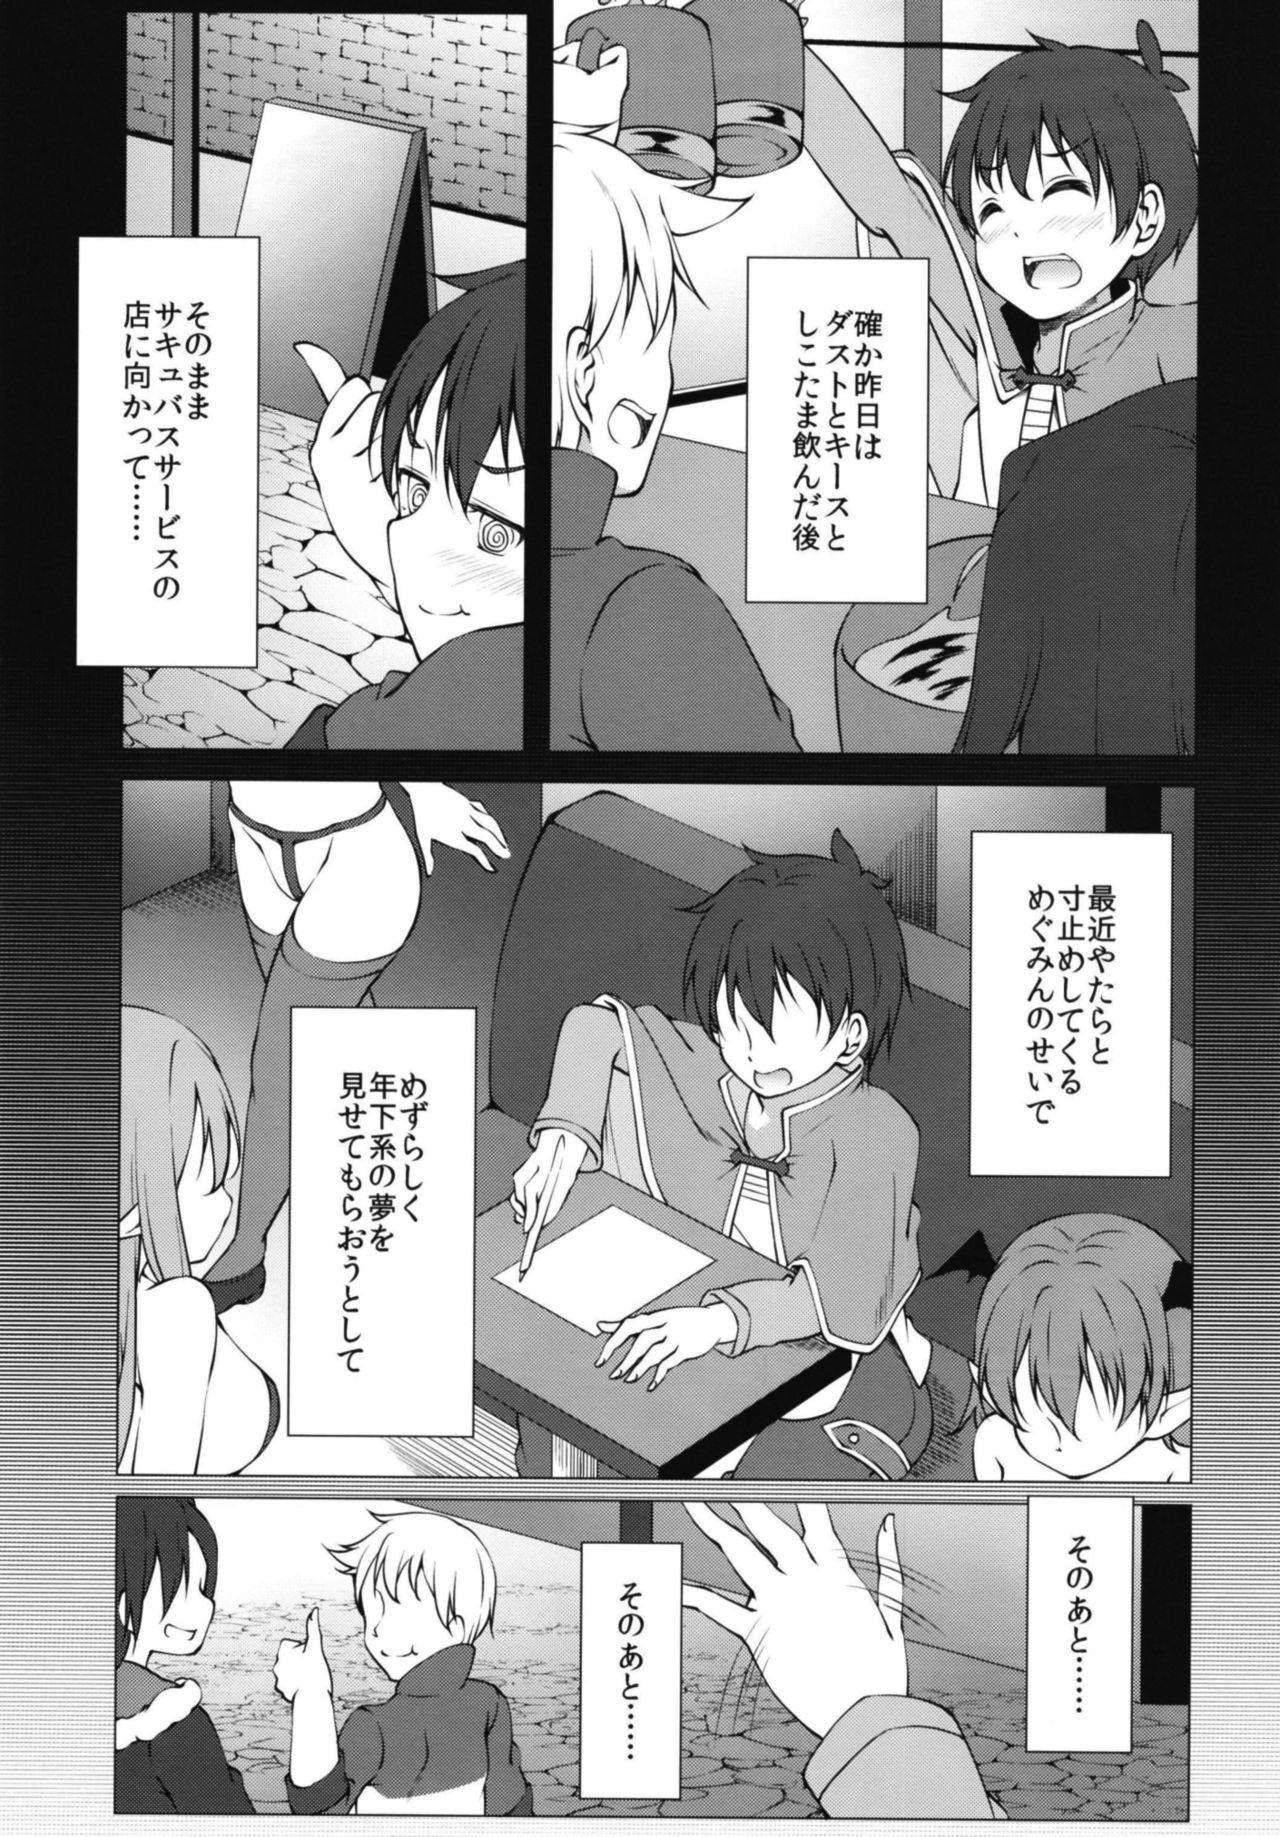 [Idobata Kaigisho (Fried)] Kono Subarashii Oujo-sama wa Onii-sama ga Daisuki!! (Kono Subarashii Sekai ni Syukufuku o!) [Digital] 5